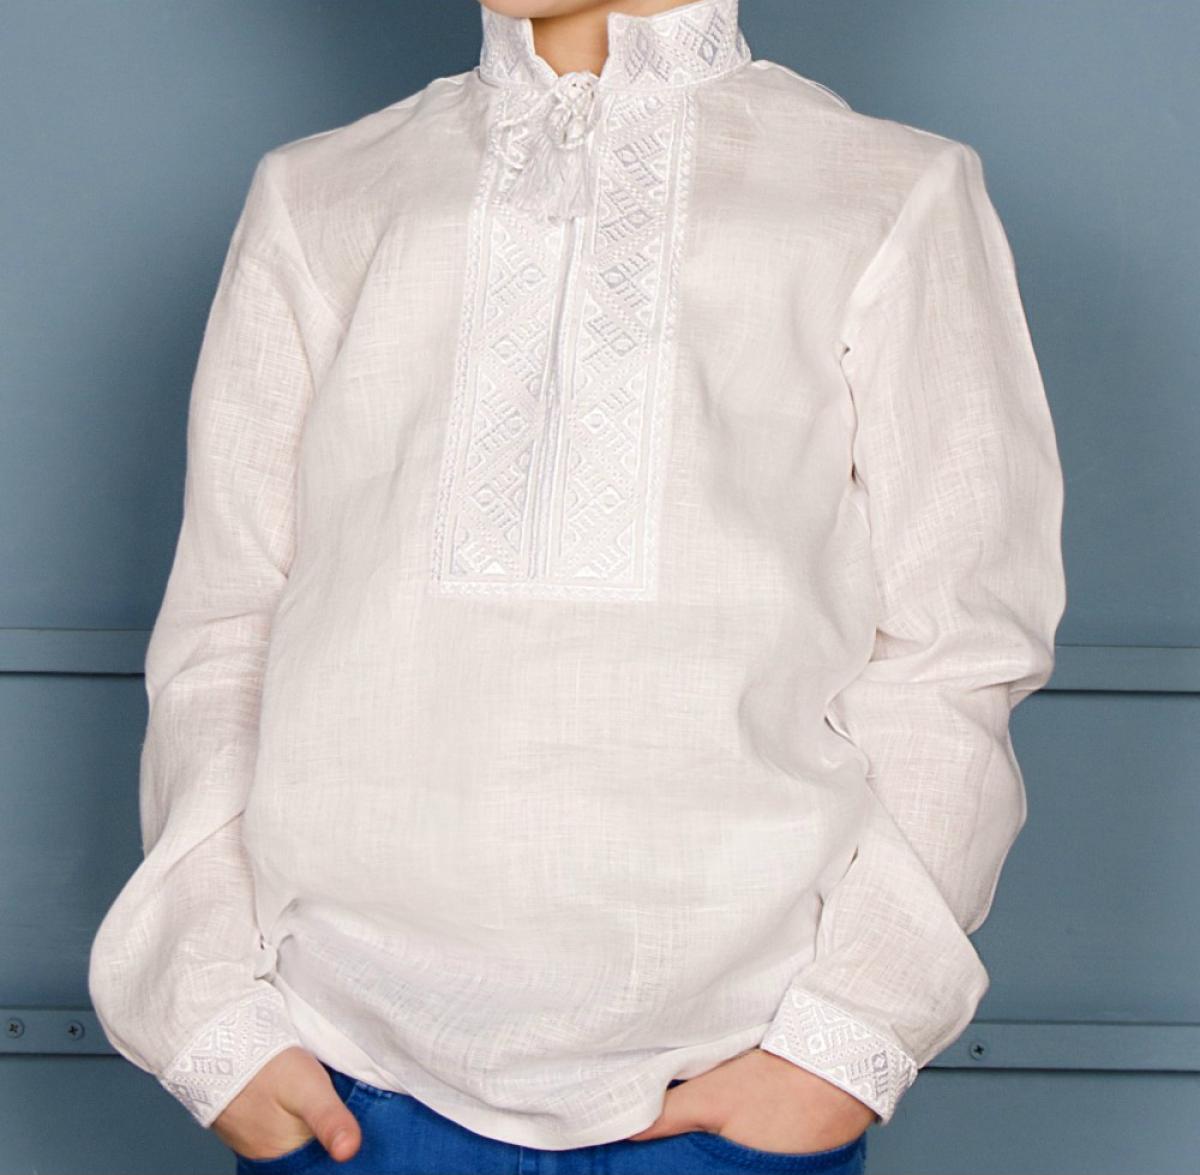 Вишиванка для хлопчика біла по білому. Фото №3. | Народний дім Україна